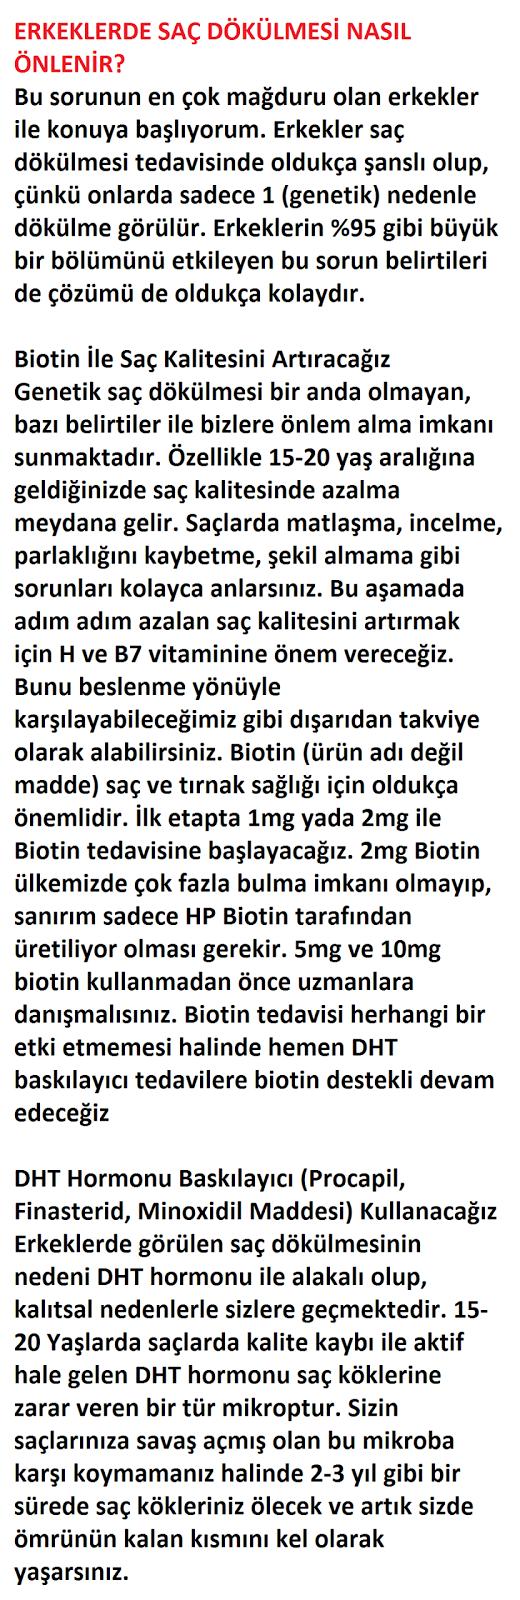 Bel Soğukluğuna Hangi Antibiyotik Iyi Gelir